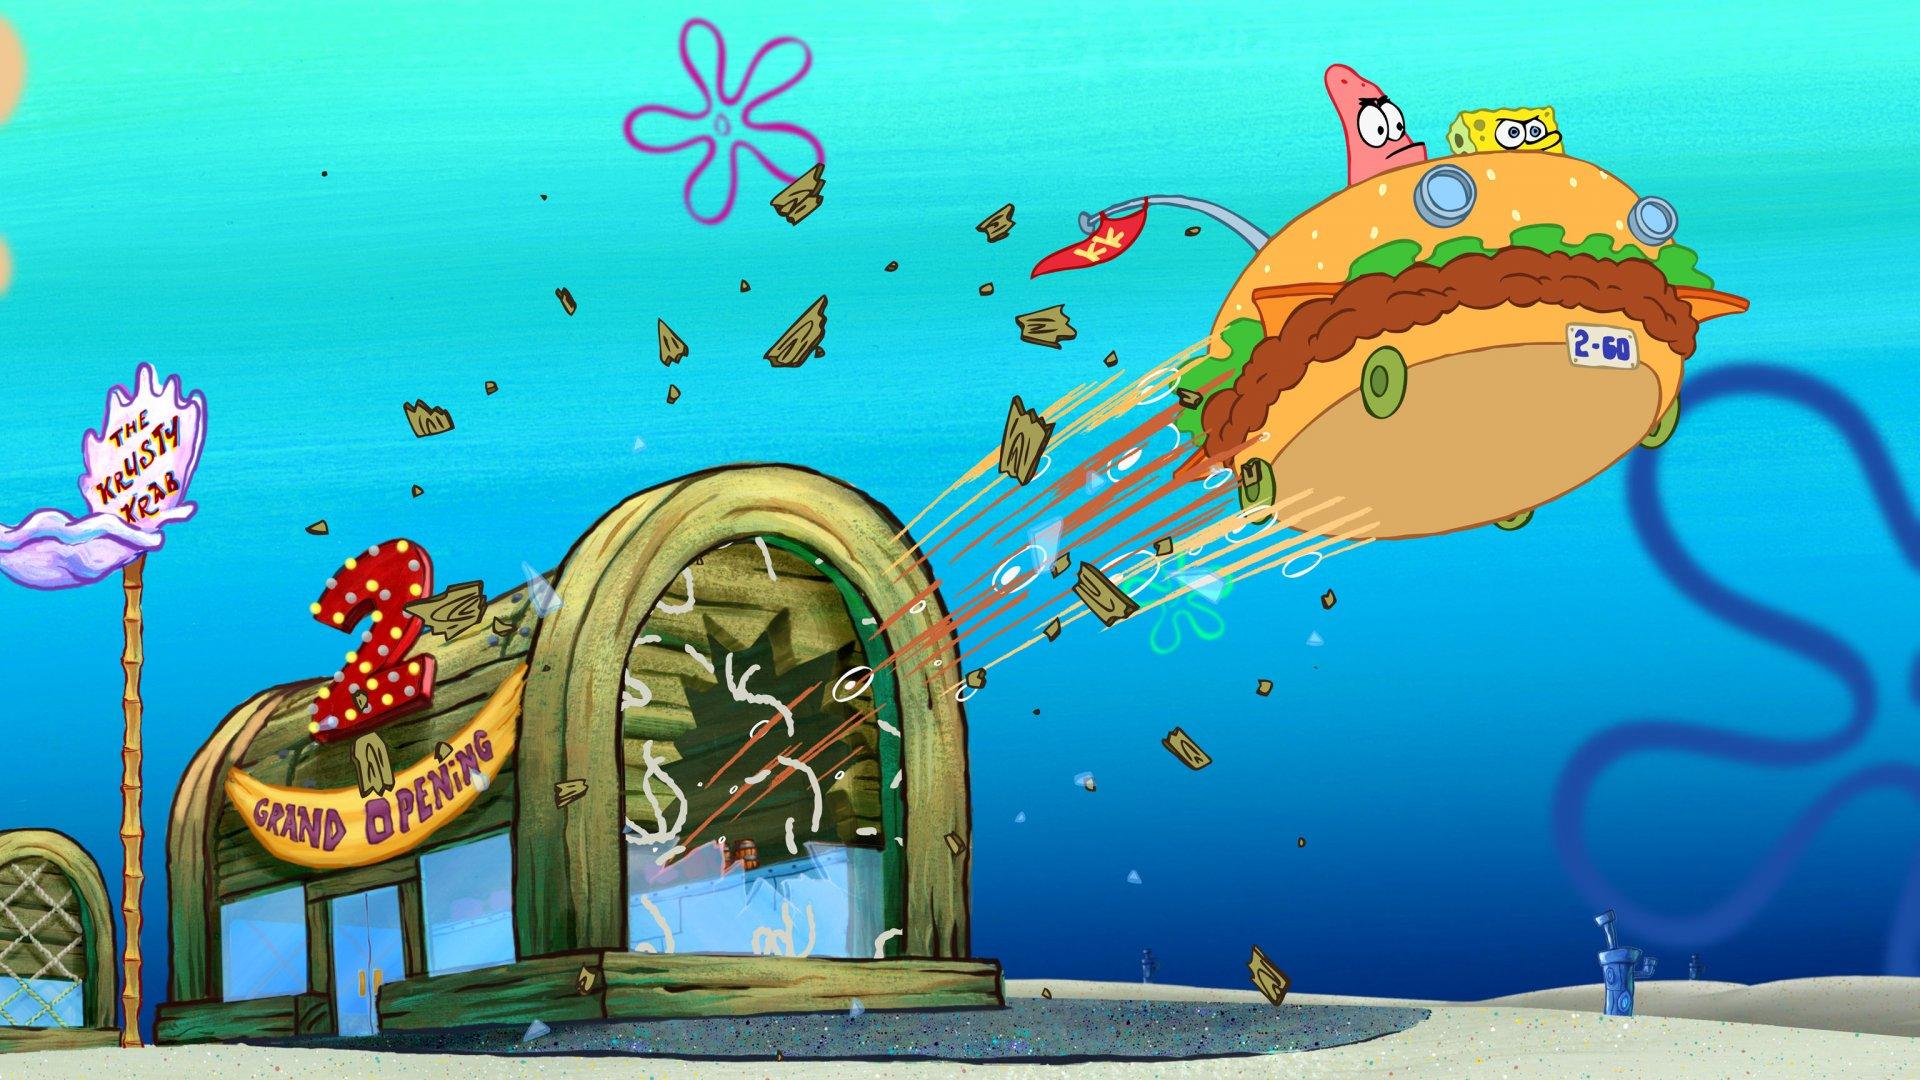 Partick und Spongebob brechen mit dem Burgermobil durch die Frontscheibe der krossen Krabbe um ins Abenteuer zu starten, Die 5 BESTEN am DONNERSTAG, Passion of Arts